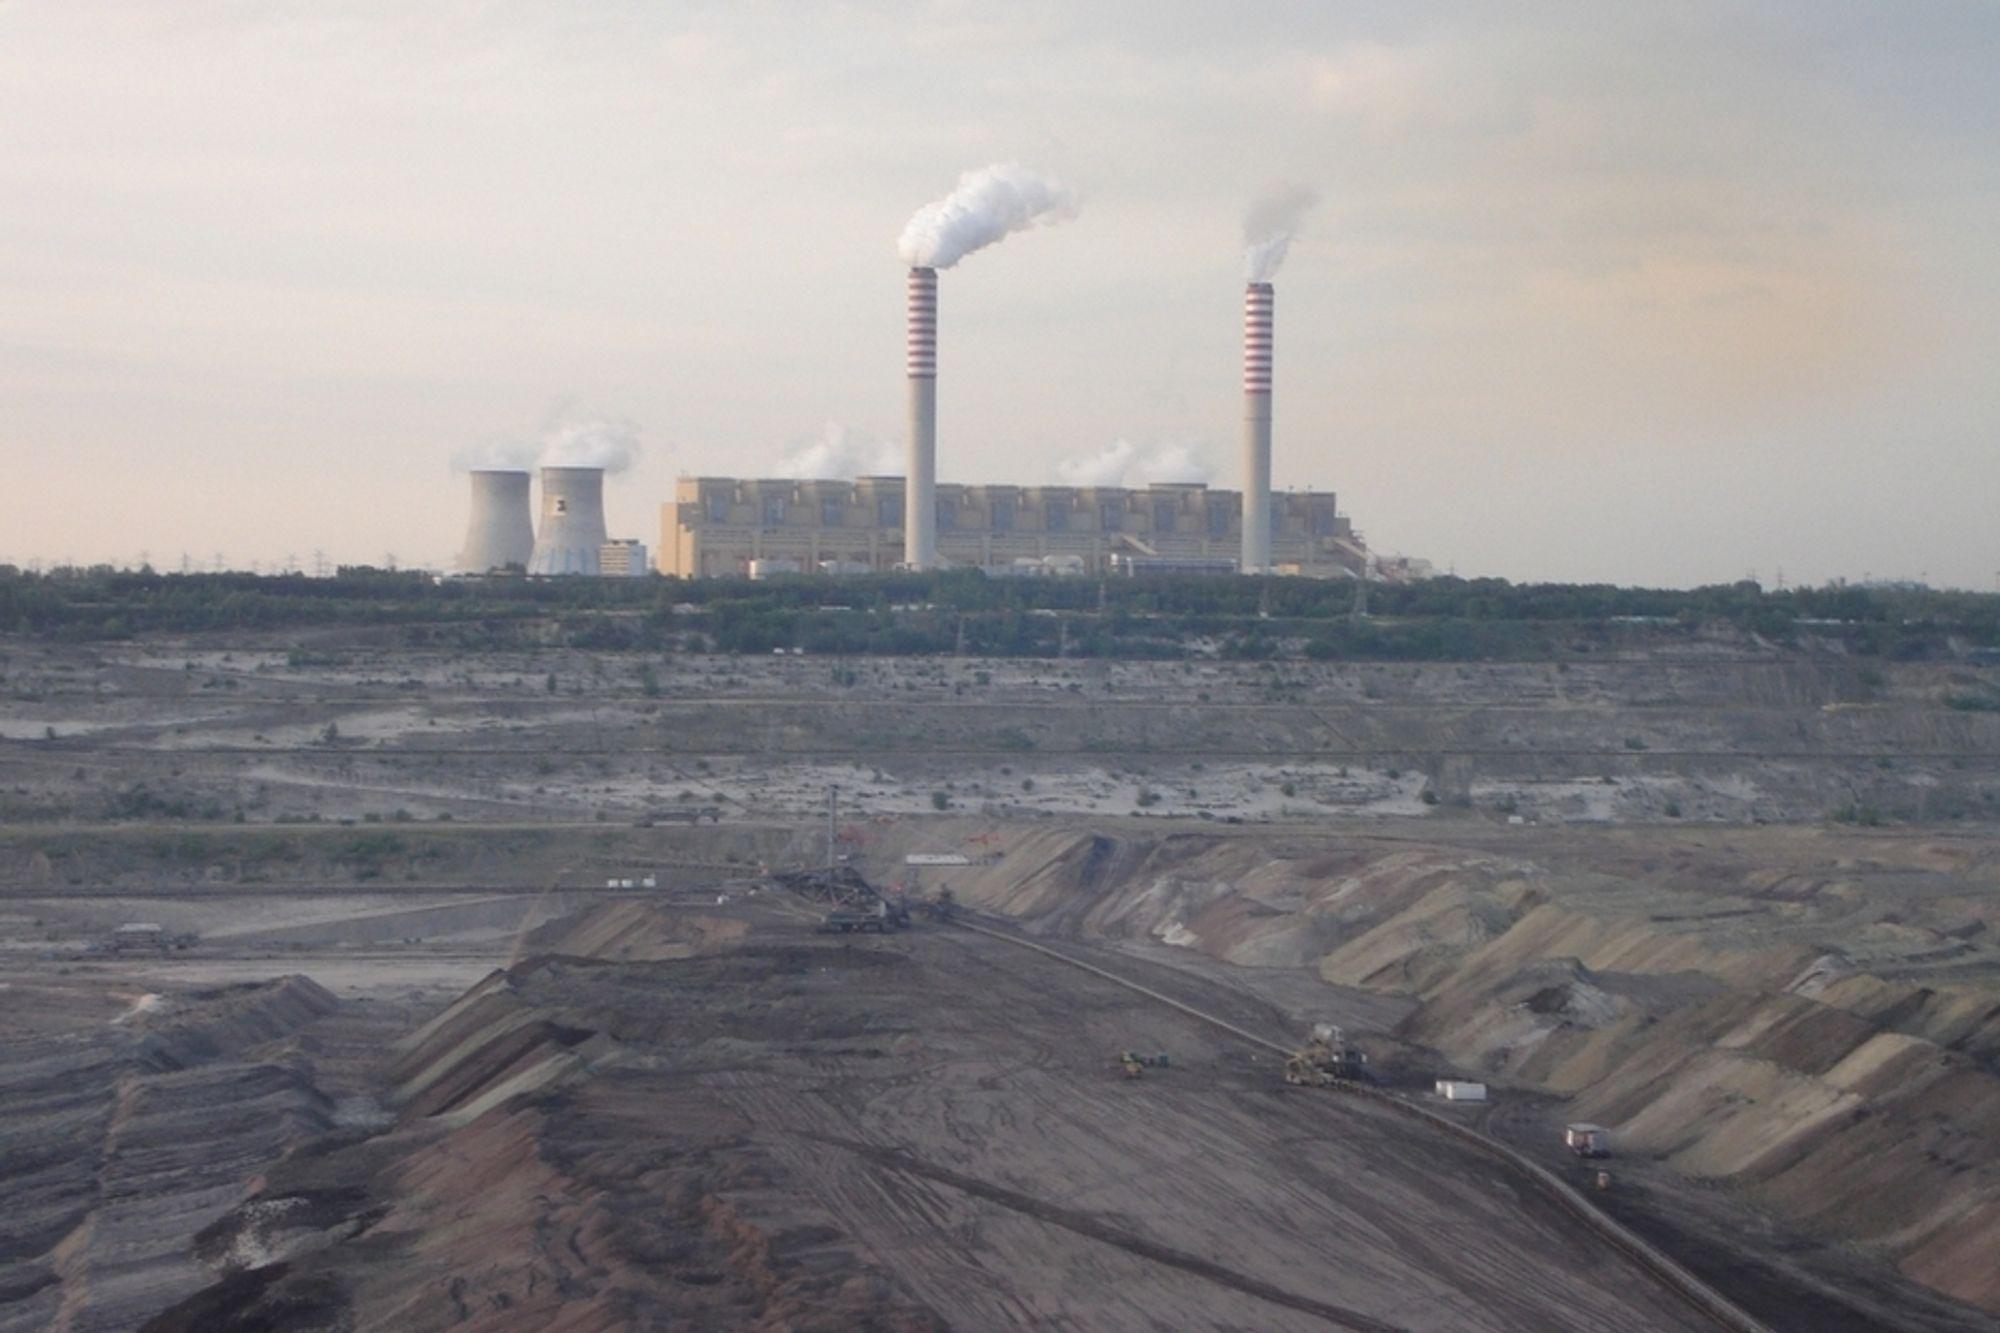 BRUNKULL: Det polske brunkullkraftverket Belchatow slipper ut rundt 30 millioner tonn CO2 hvert år. Norges totale utslipp er på noe over 50 millioner tonn. Bellona vil nå hjelpe polakkene med å bli renere, og samtidig sikre dem mot høye CO2-kostnader og dermed dyrere energi. CO2-rensing er svaret, mener de.